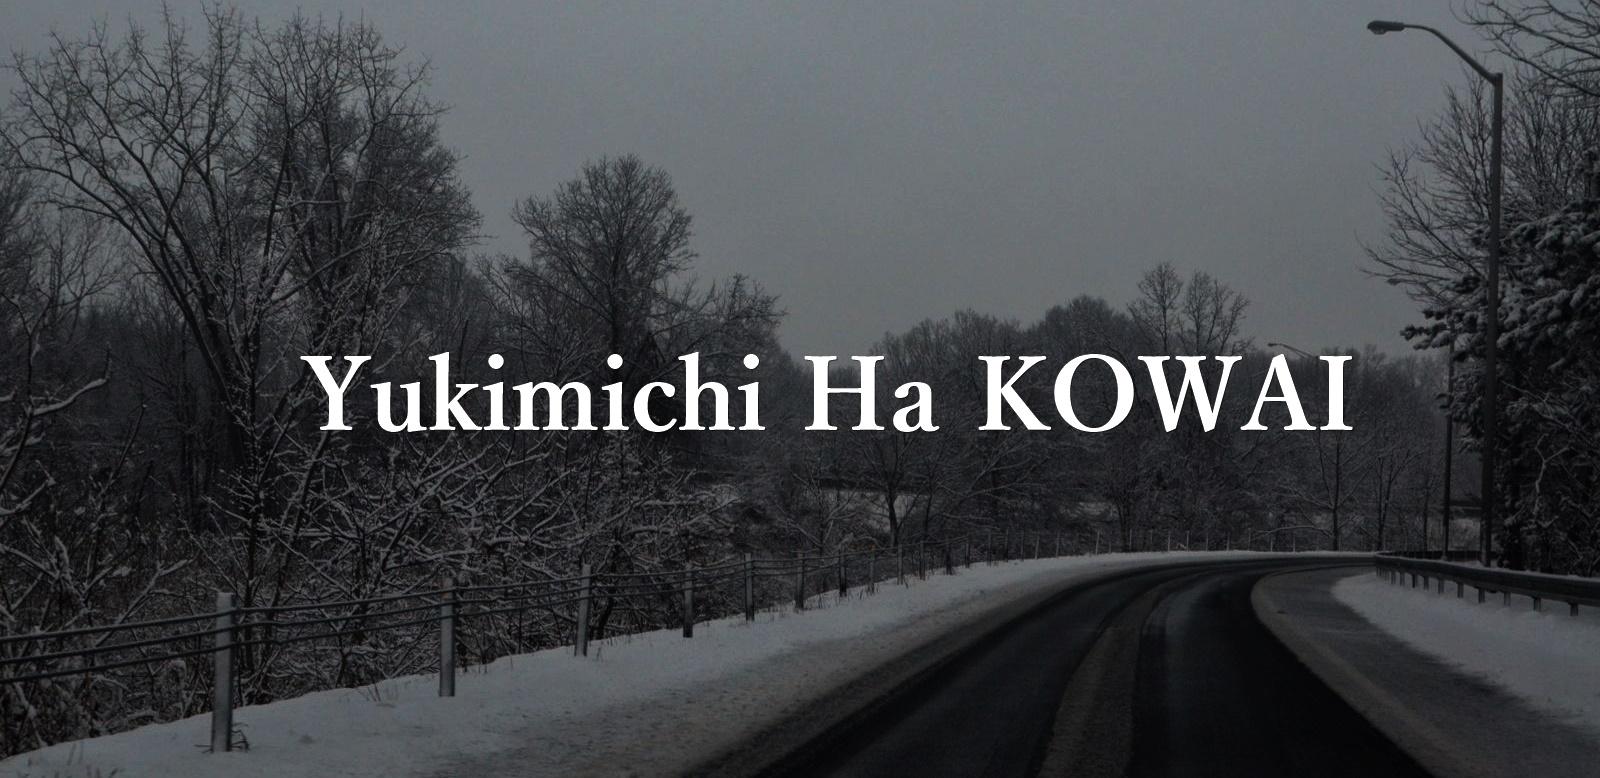 YouTube「雪道コワイ」はどんな動画?そして特設ページも怖かった!(ネタバレ)